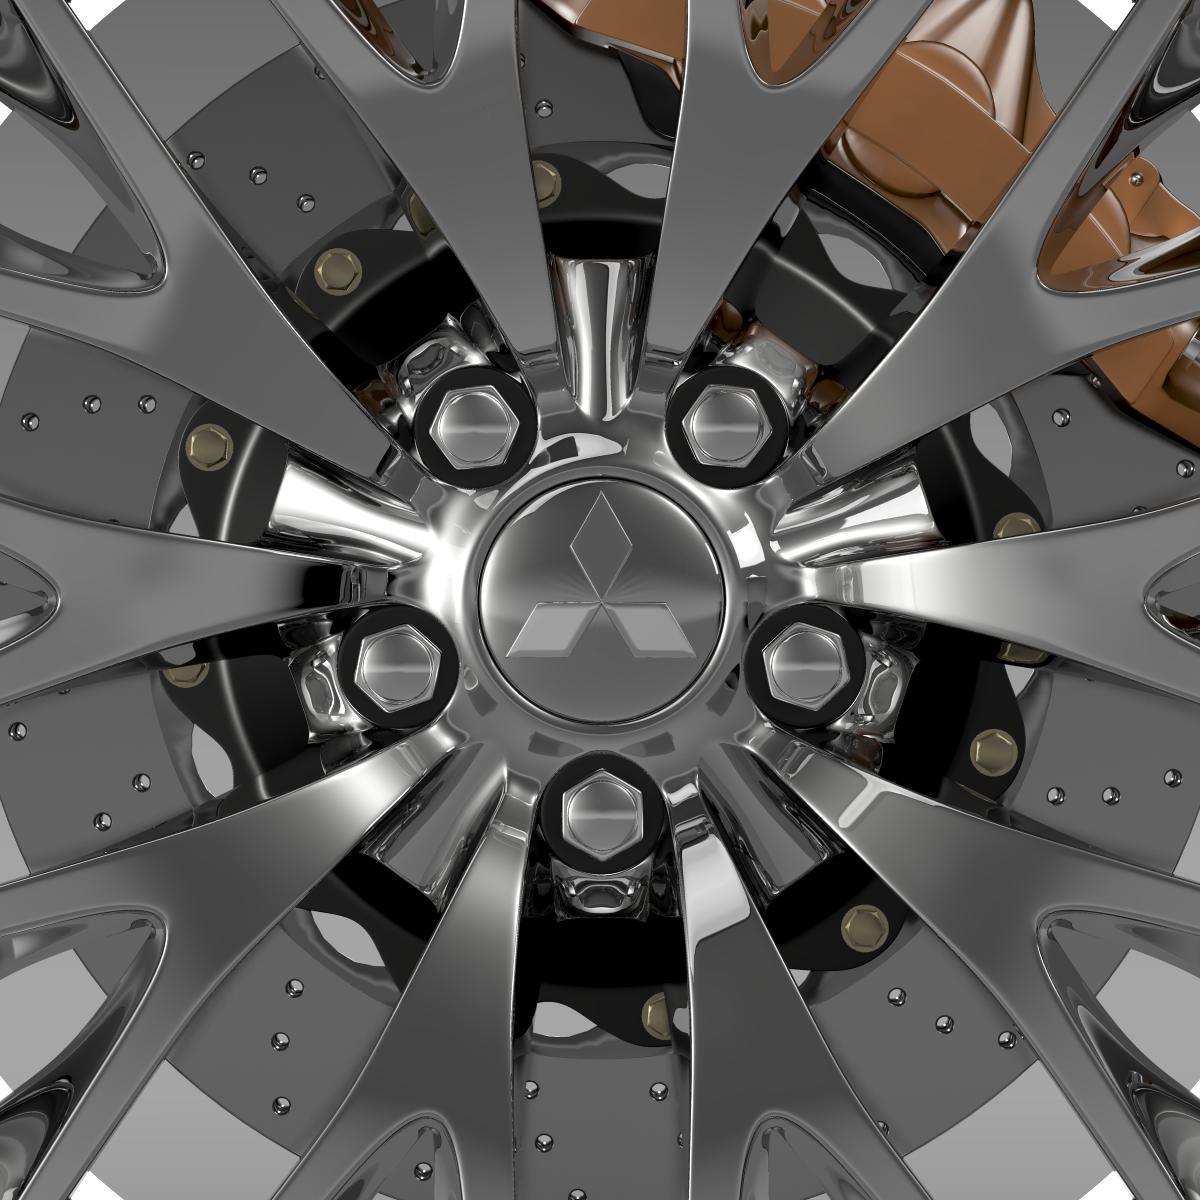 mitsubishi dignity wheel 3d model 3ds max fbx c4d lwo ma mb hrc xsi obj 210802